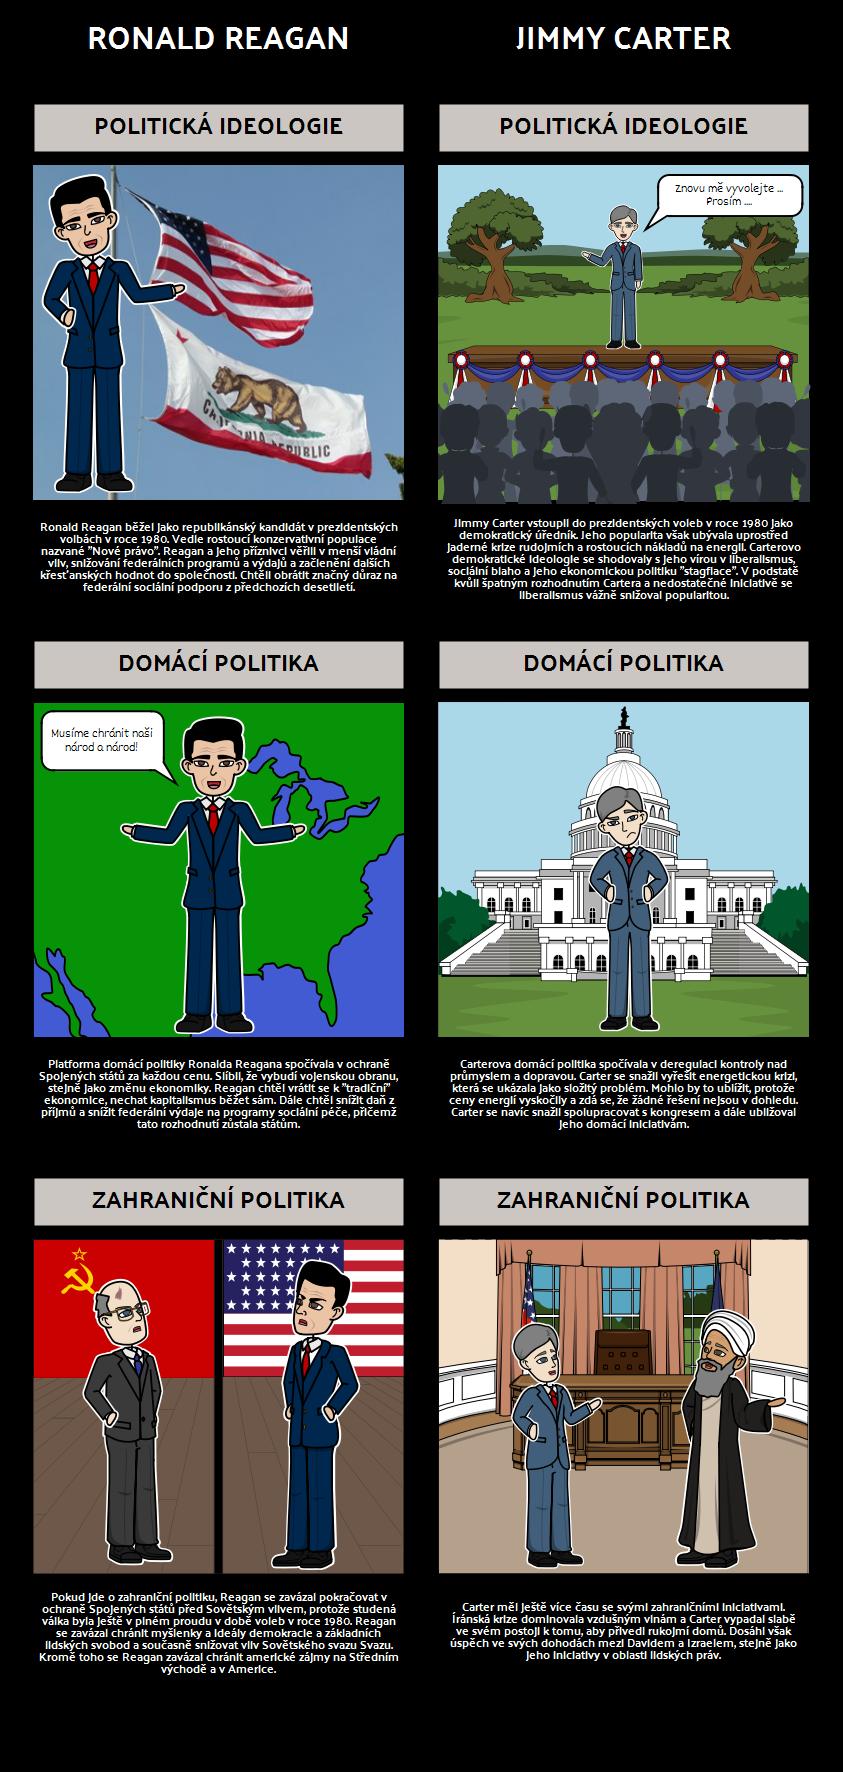 Předsednictví Ronalda Reagana - volby 1980